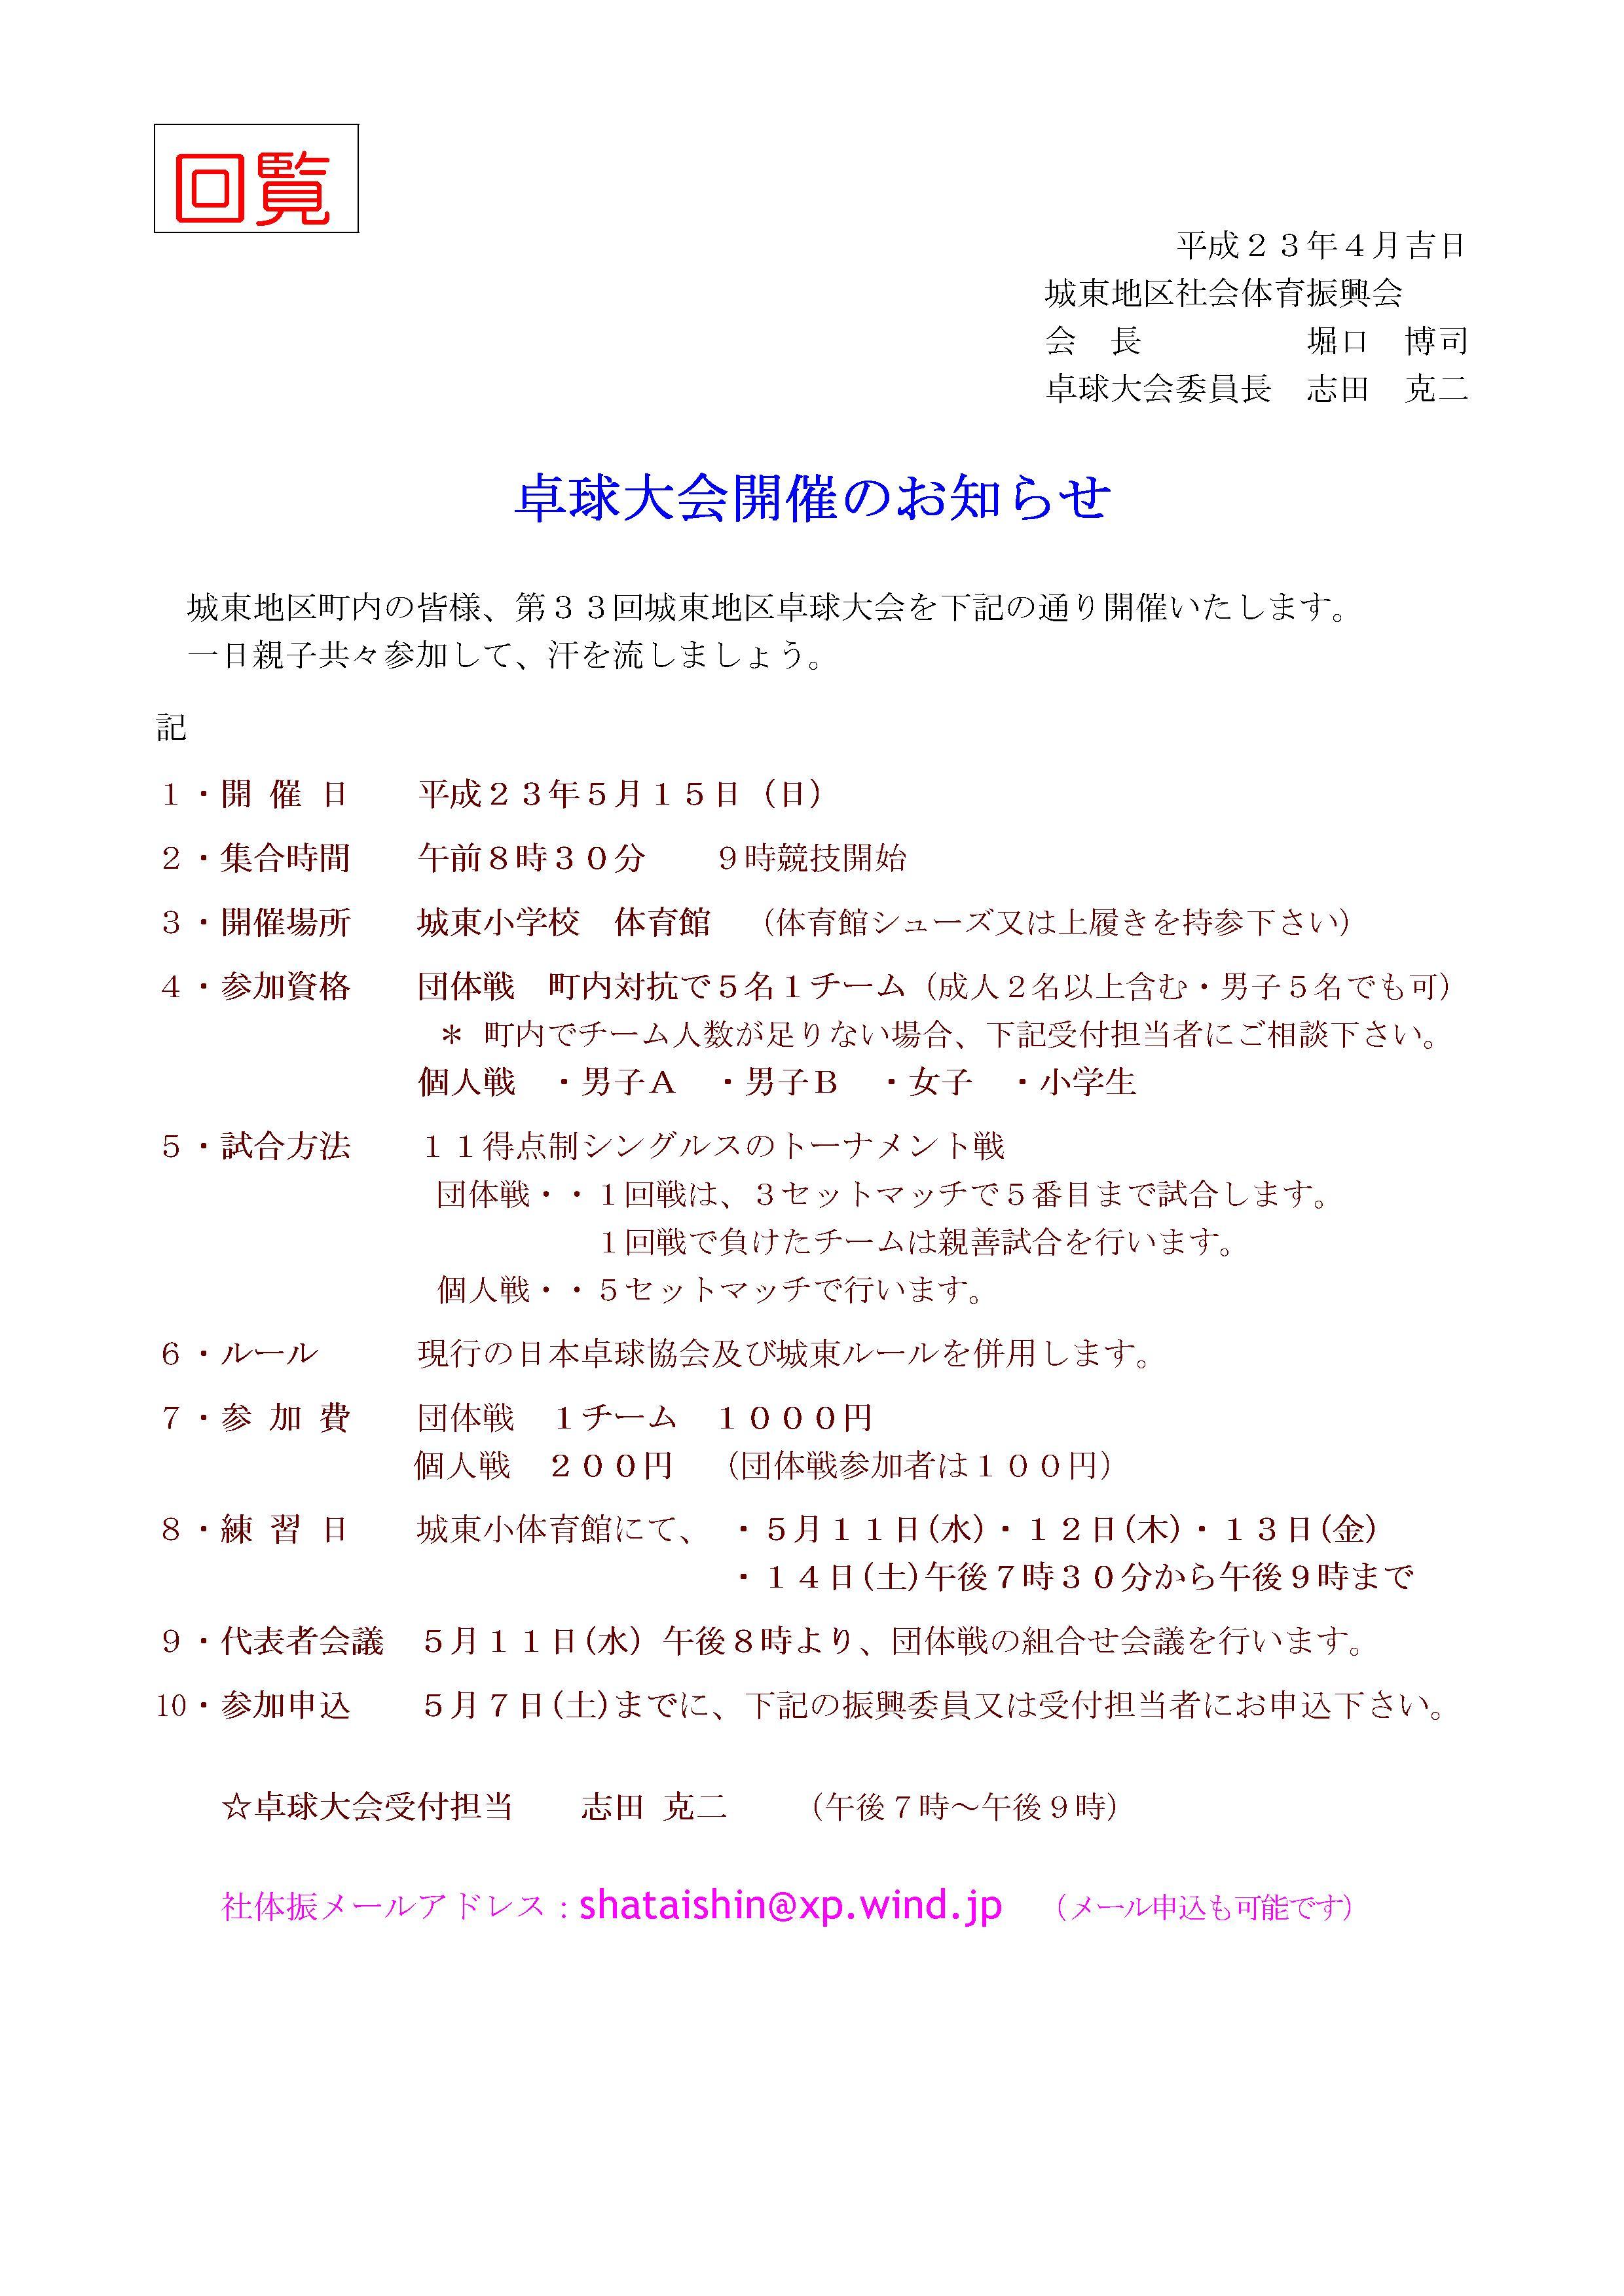 2011 卓球大会 HPご案内.jpg